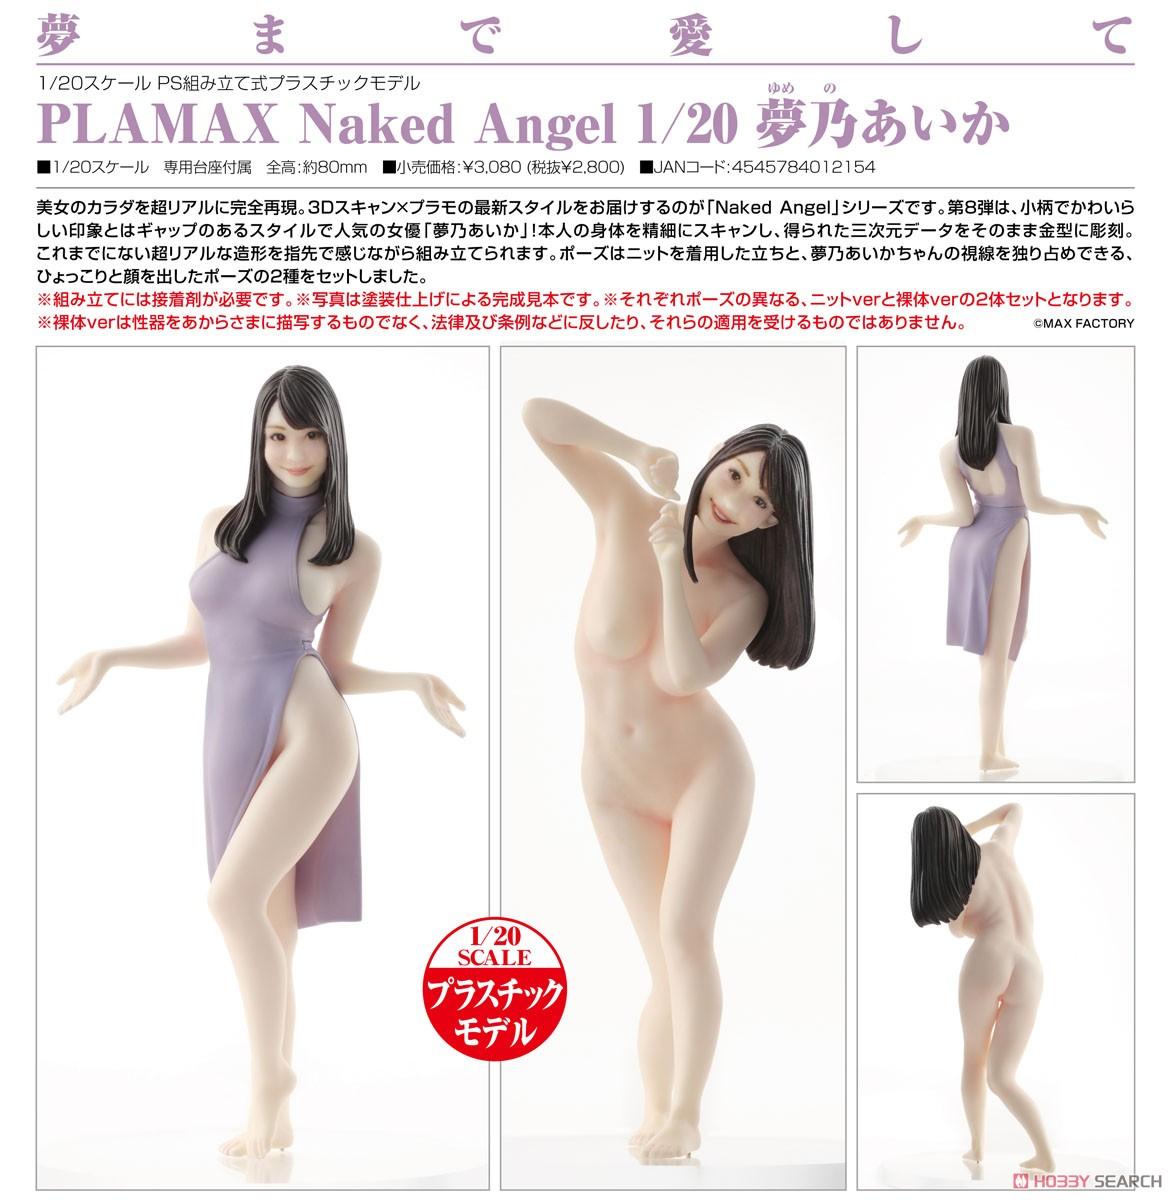 PLAMAX Naked Angel『夢乃あいか』1/20 プラモデル-006